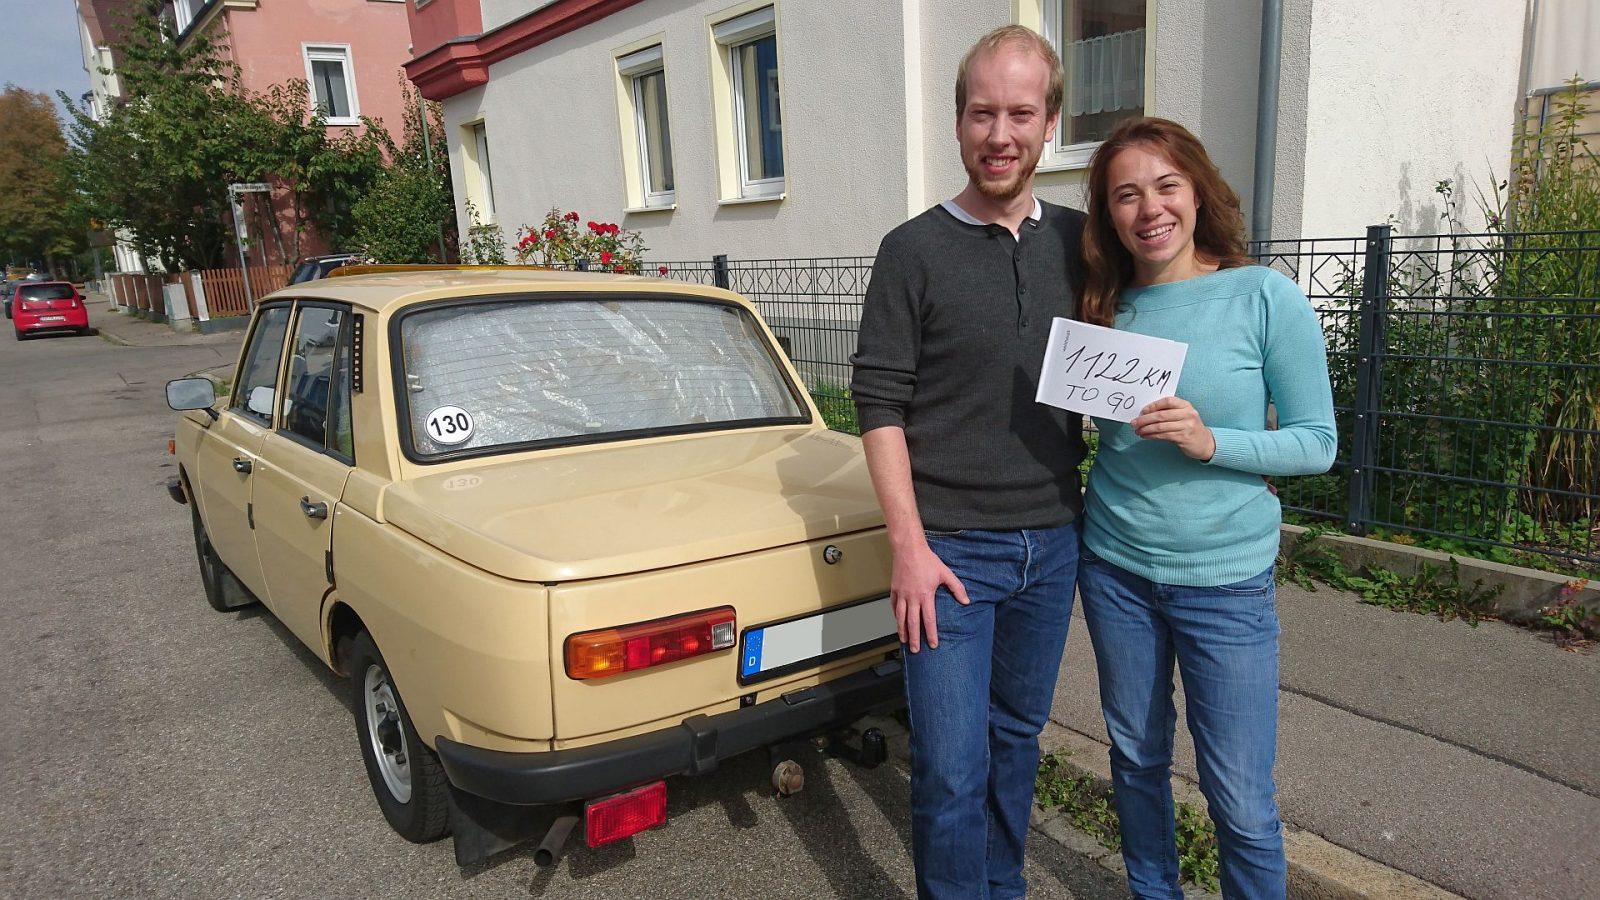 Aufbruch in Augsburg - gute 1.120 km sind noch zu fahren